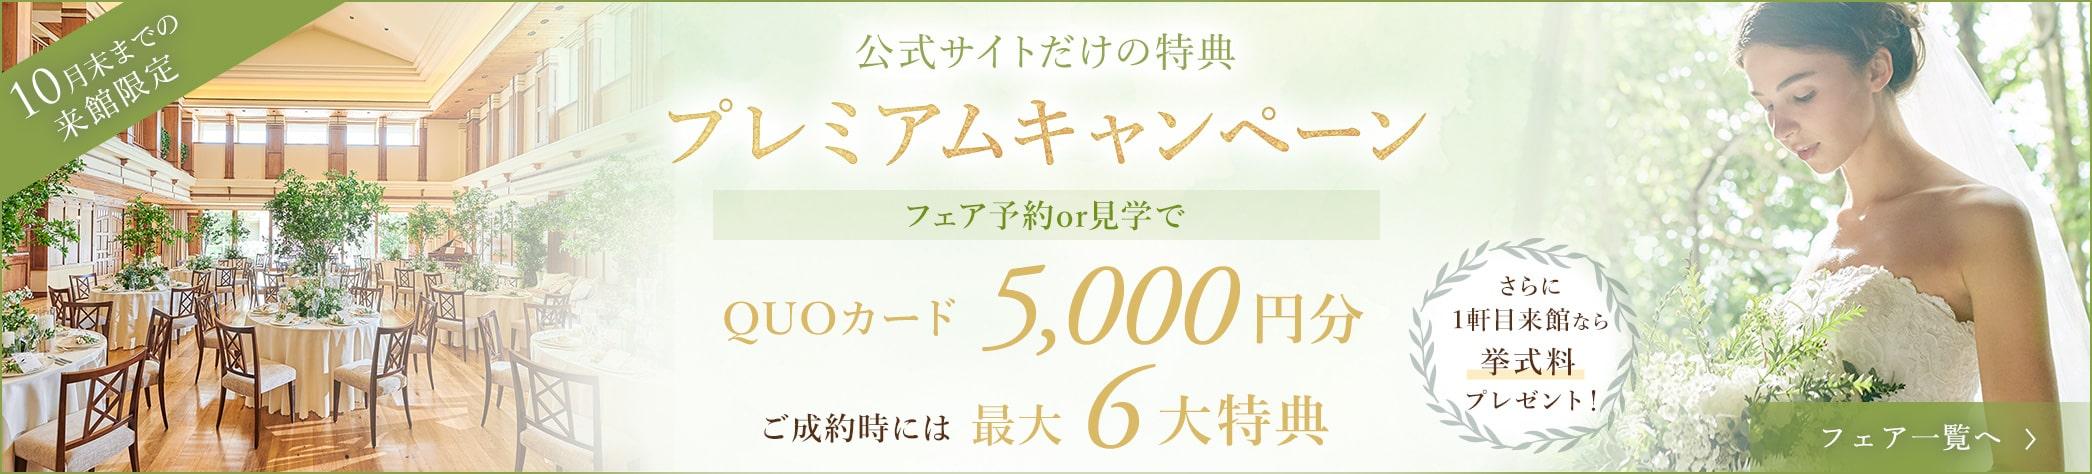 公式サイトだけのプレミアムキャンペーン フェア予約or見学でQUOカード5,000円分 ご成約時には最大6大特典